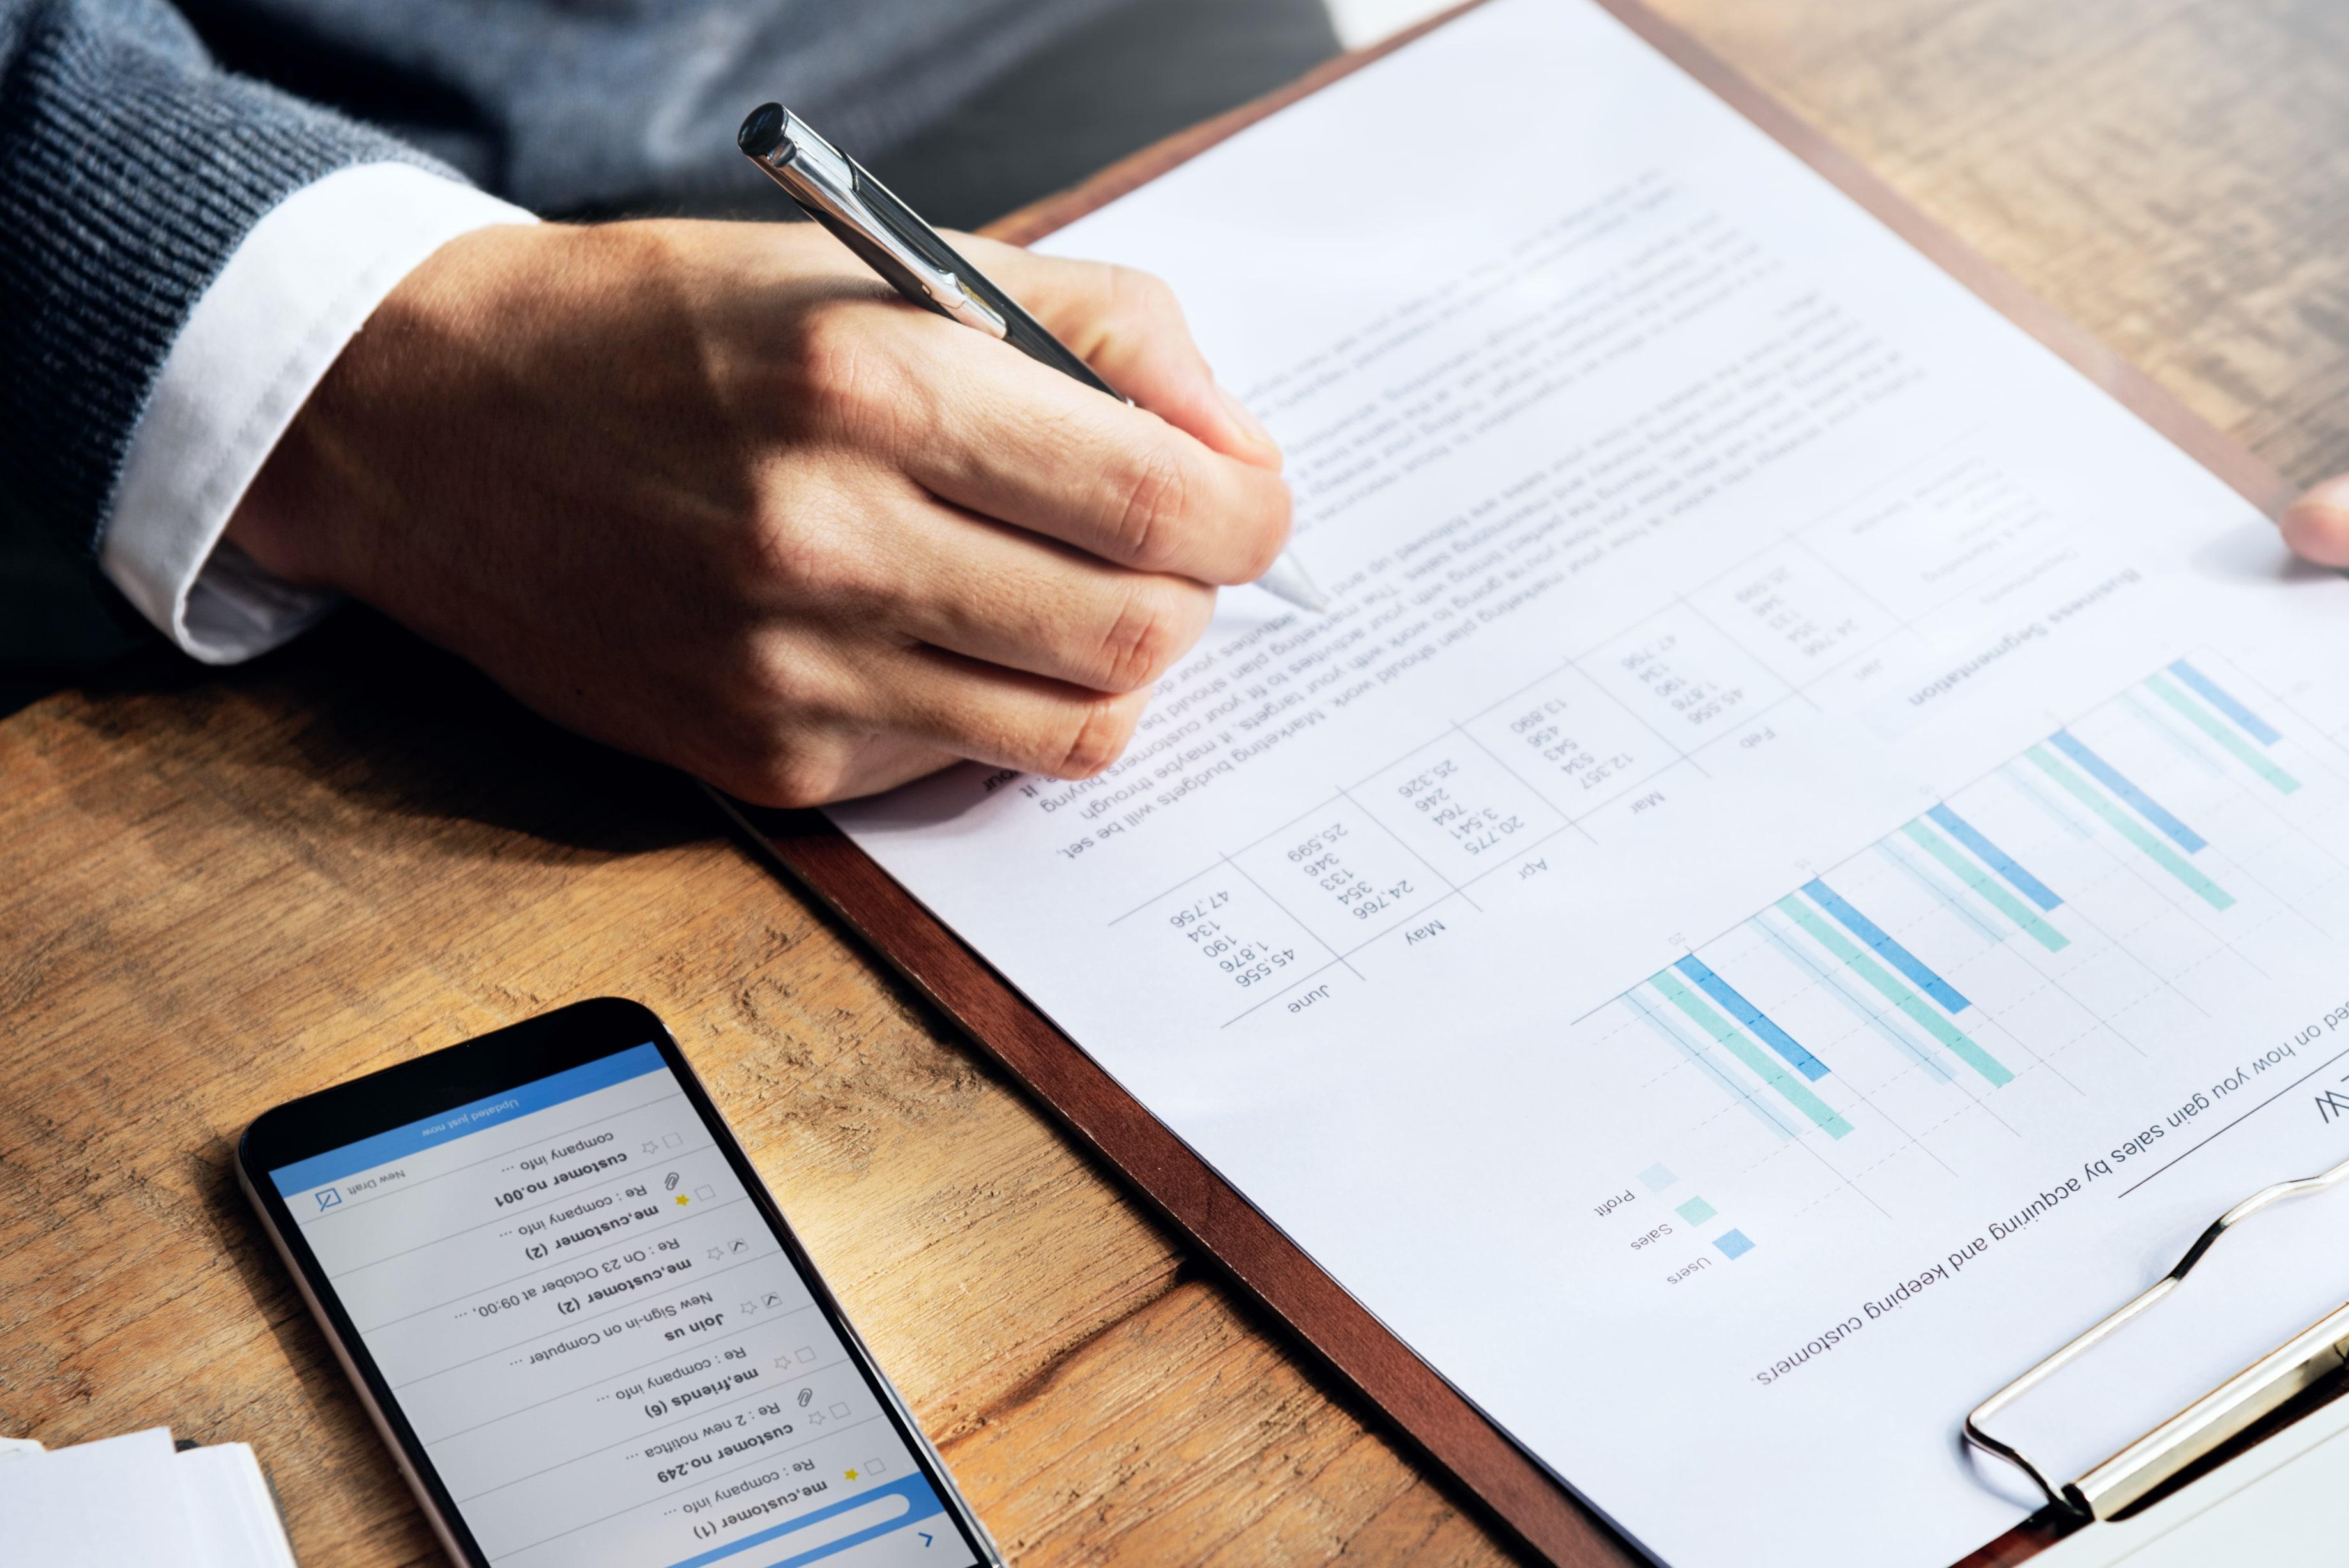 Guide: Utdelning fåmansbolag 2019 - Skatt och redovisning för utdelning i aktiebolag